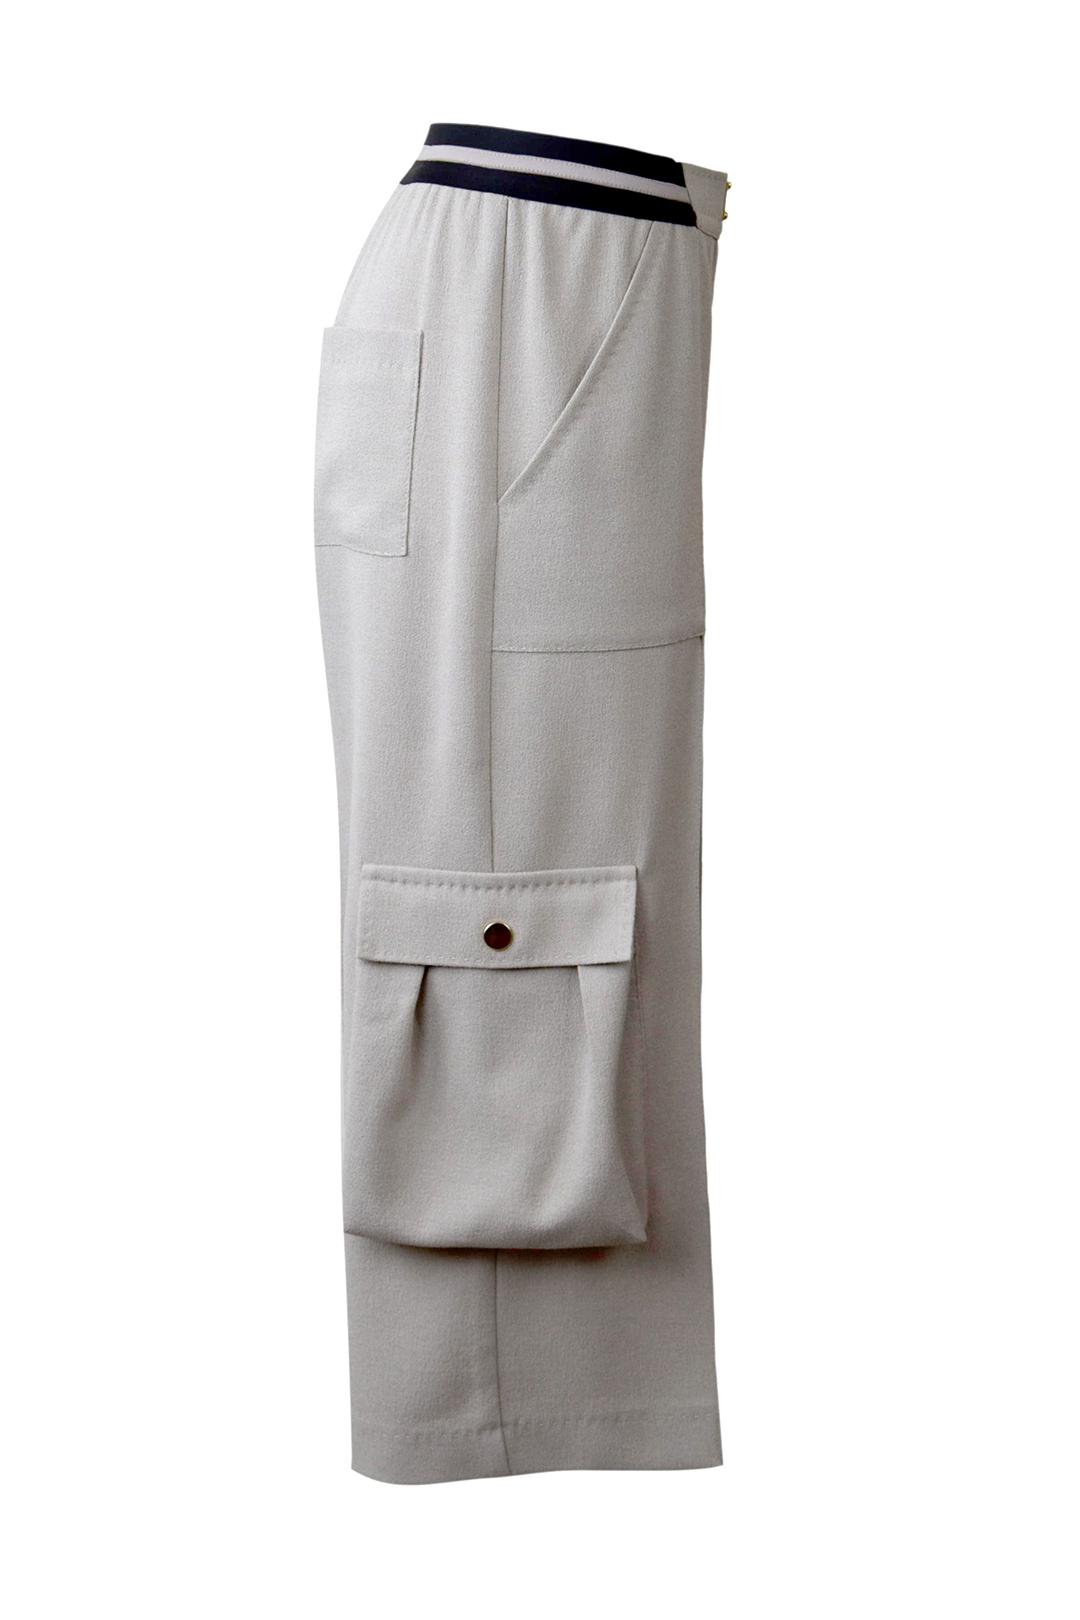 Cargohose mit Trekkingtaschen,mit elastischen Bund in 7/8 Länge, Georgette